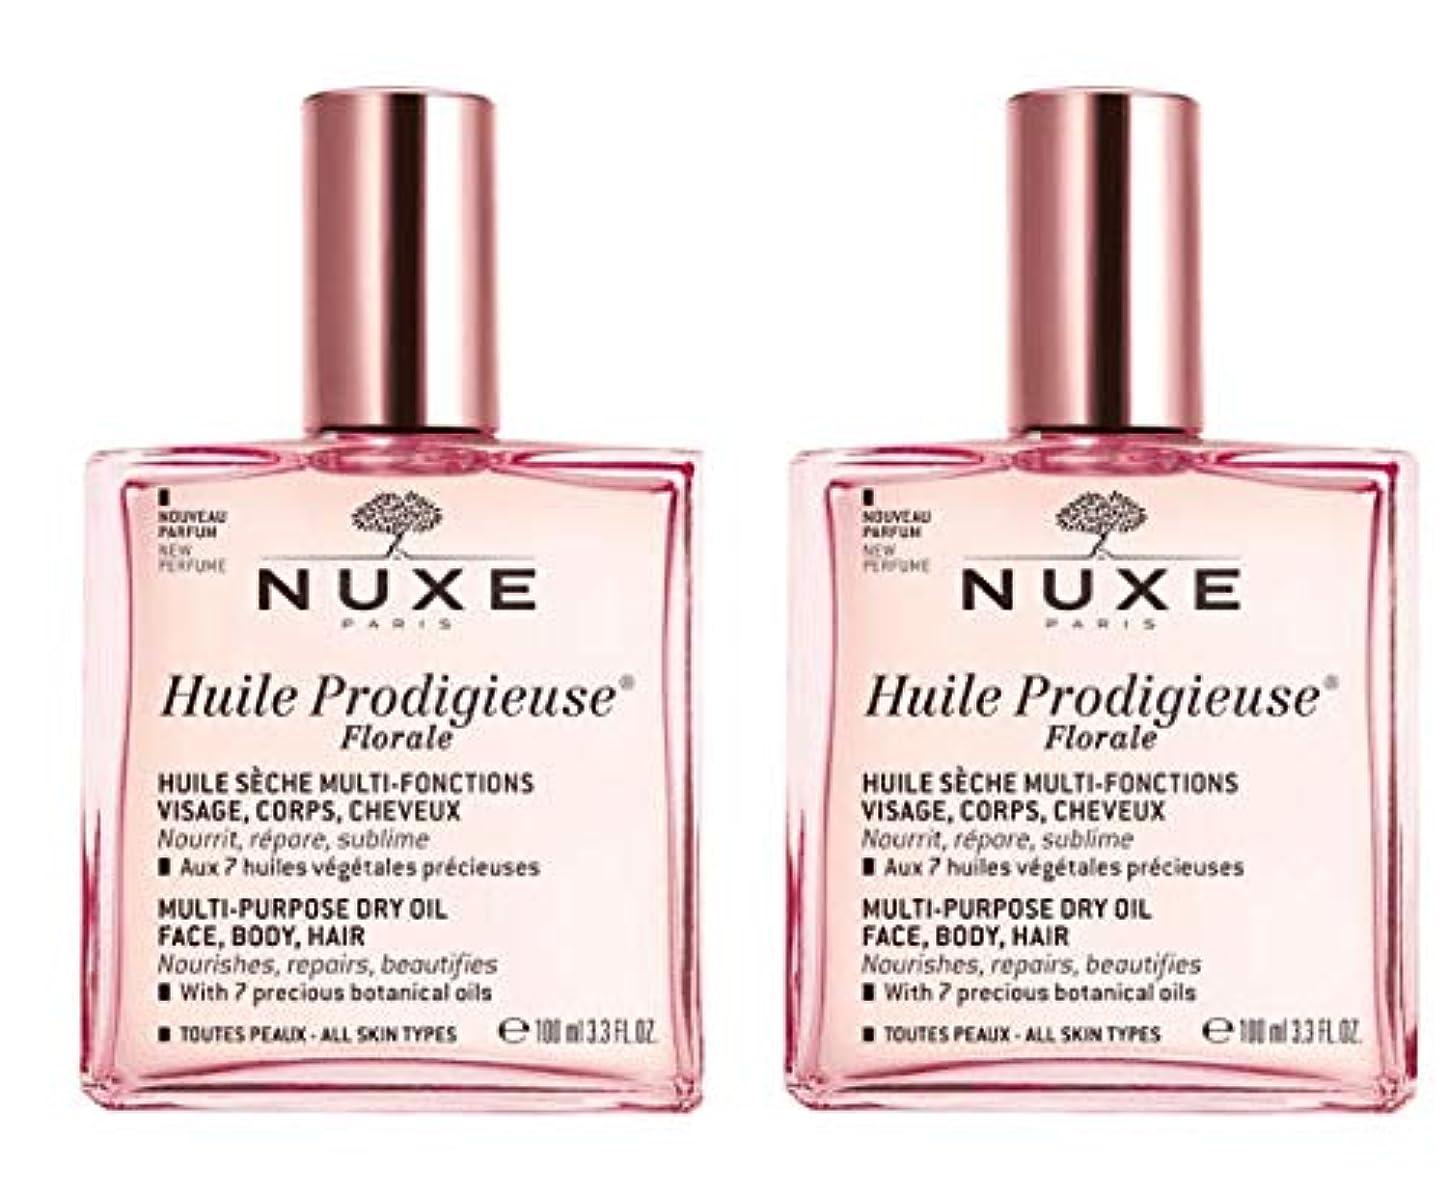 野な不定粘着性ニュクス NUXE プロディジュー フローラルオイル 100ml 2本セット 花の香りと共に新発売 海外直送品